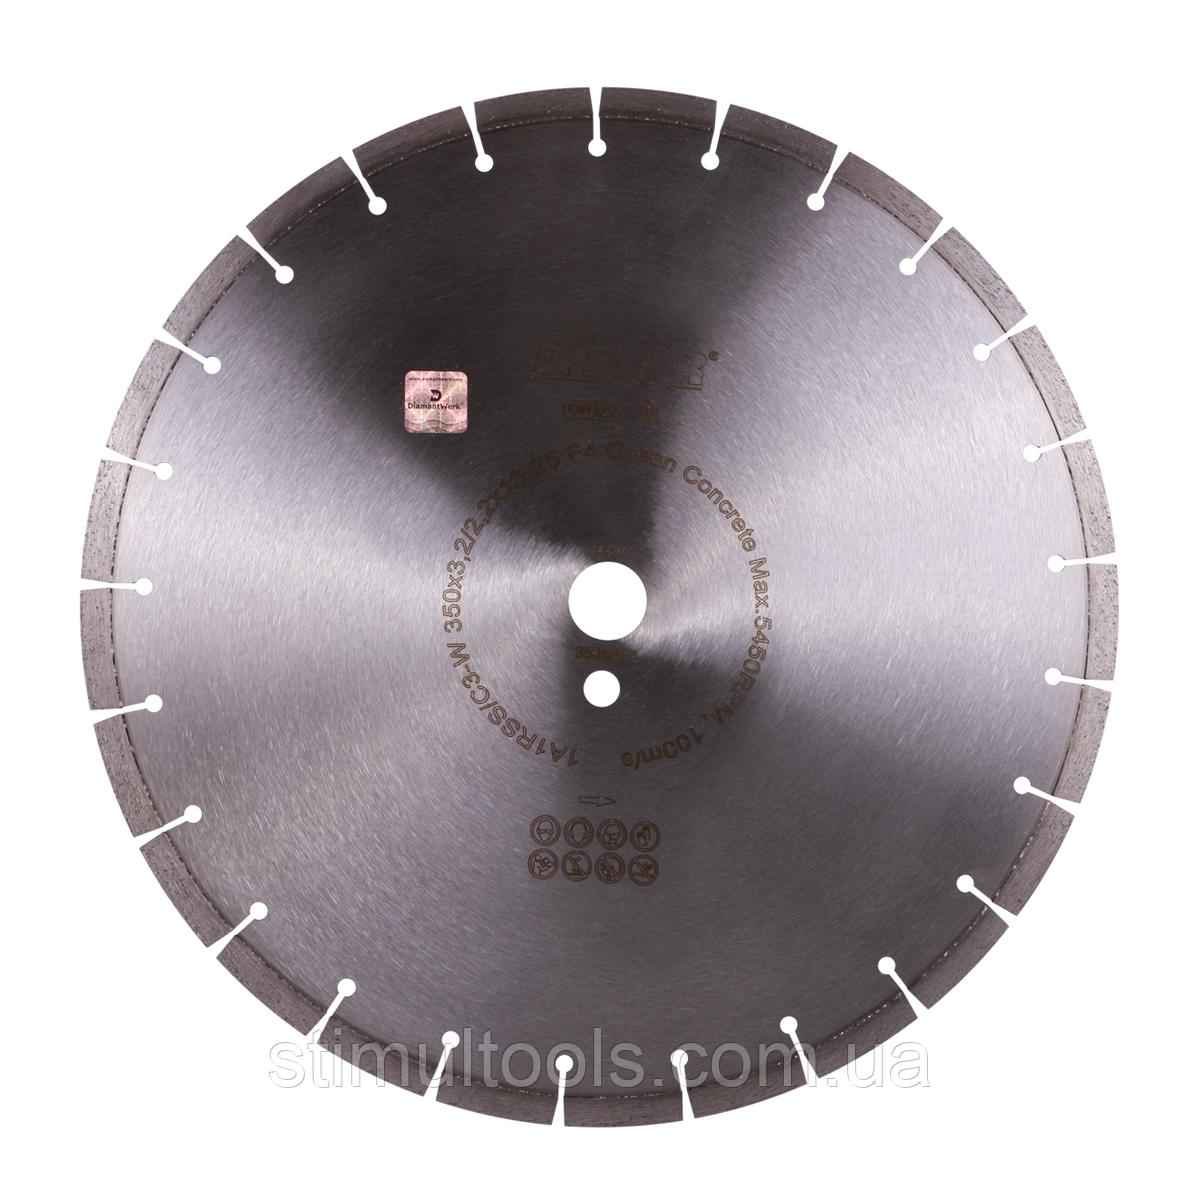 Алмазный круг Distar 1A1RSS/C3-W 350x3,2/2,2x10x25,4-25 F4 Green Concrete